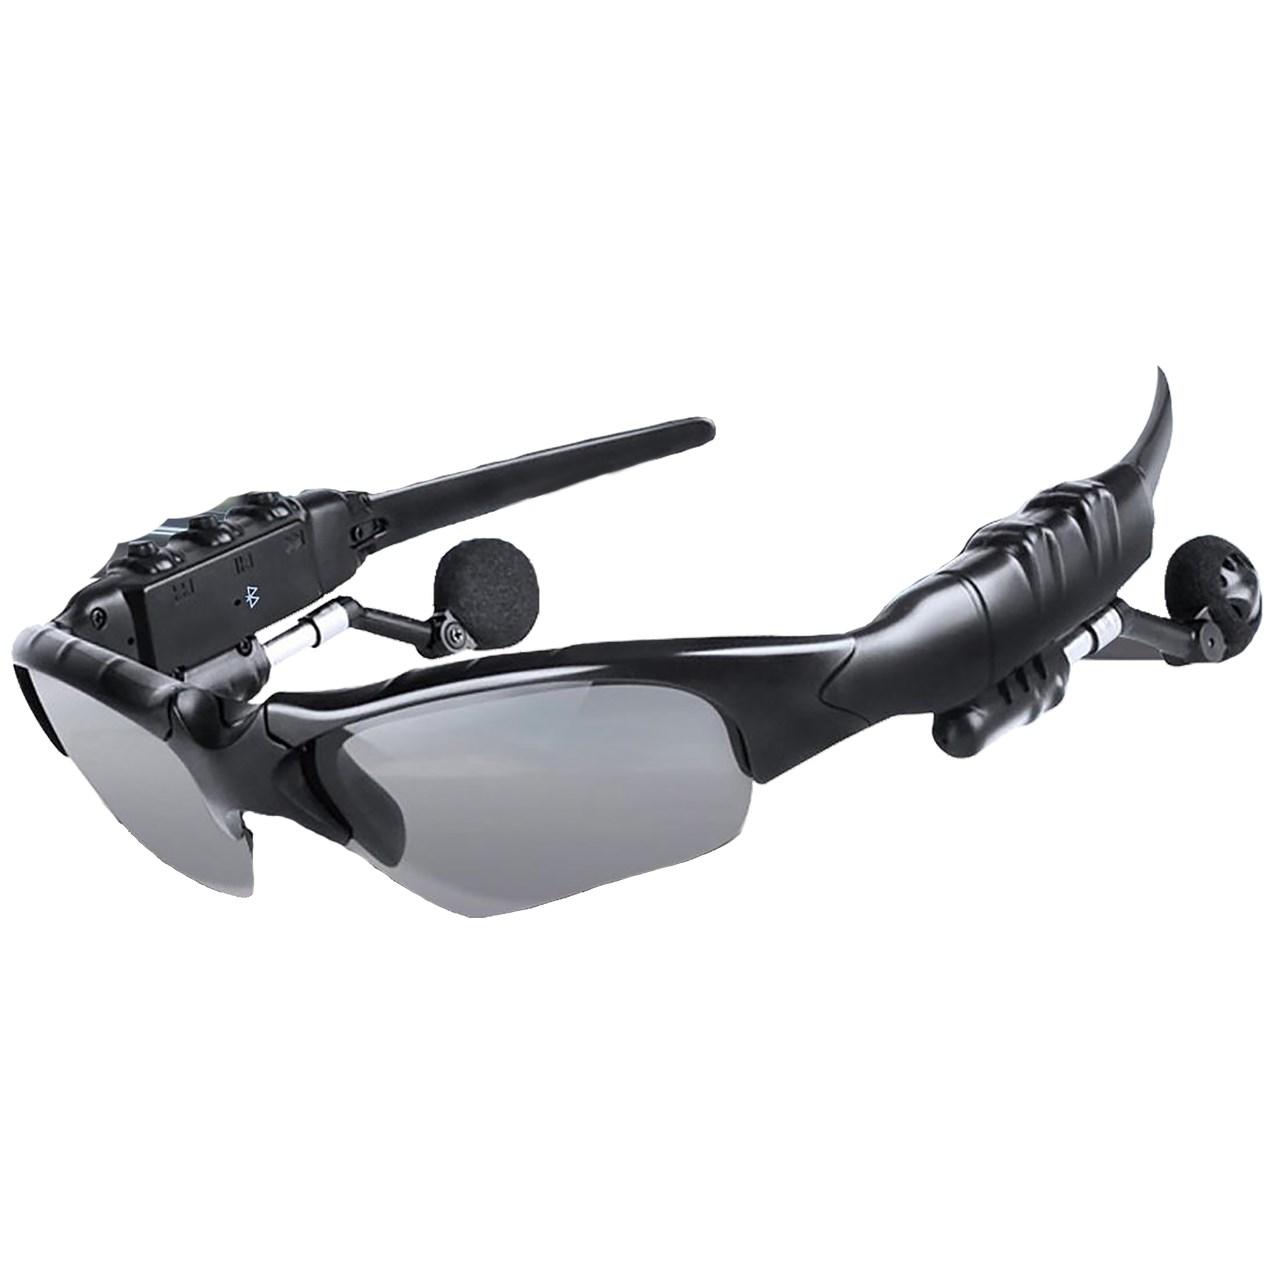 خرید اینترنتی عینک هوشمند با بلوتوث مدل GLS 100 اورجینال